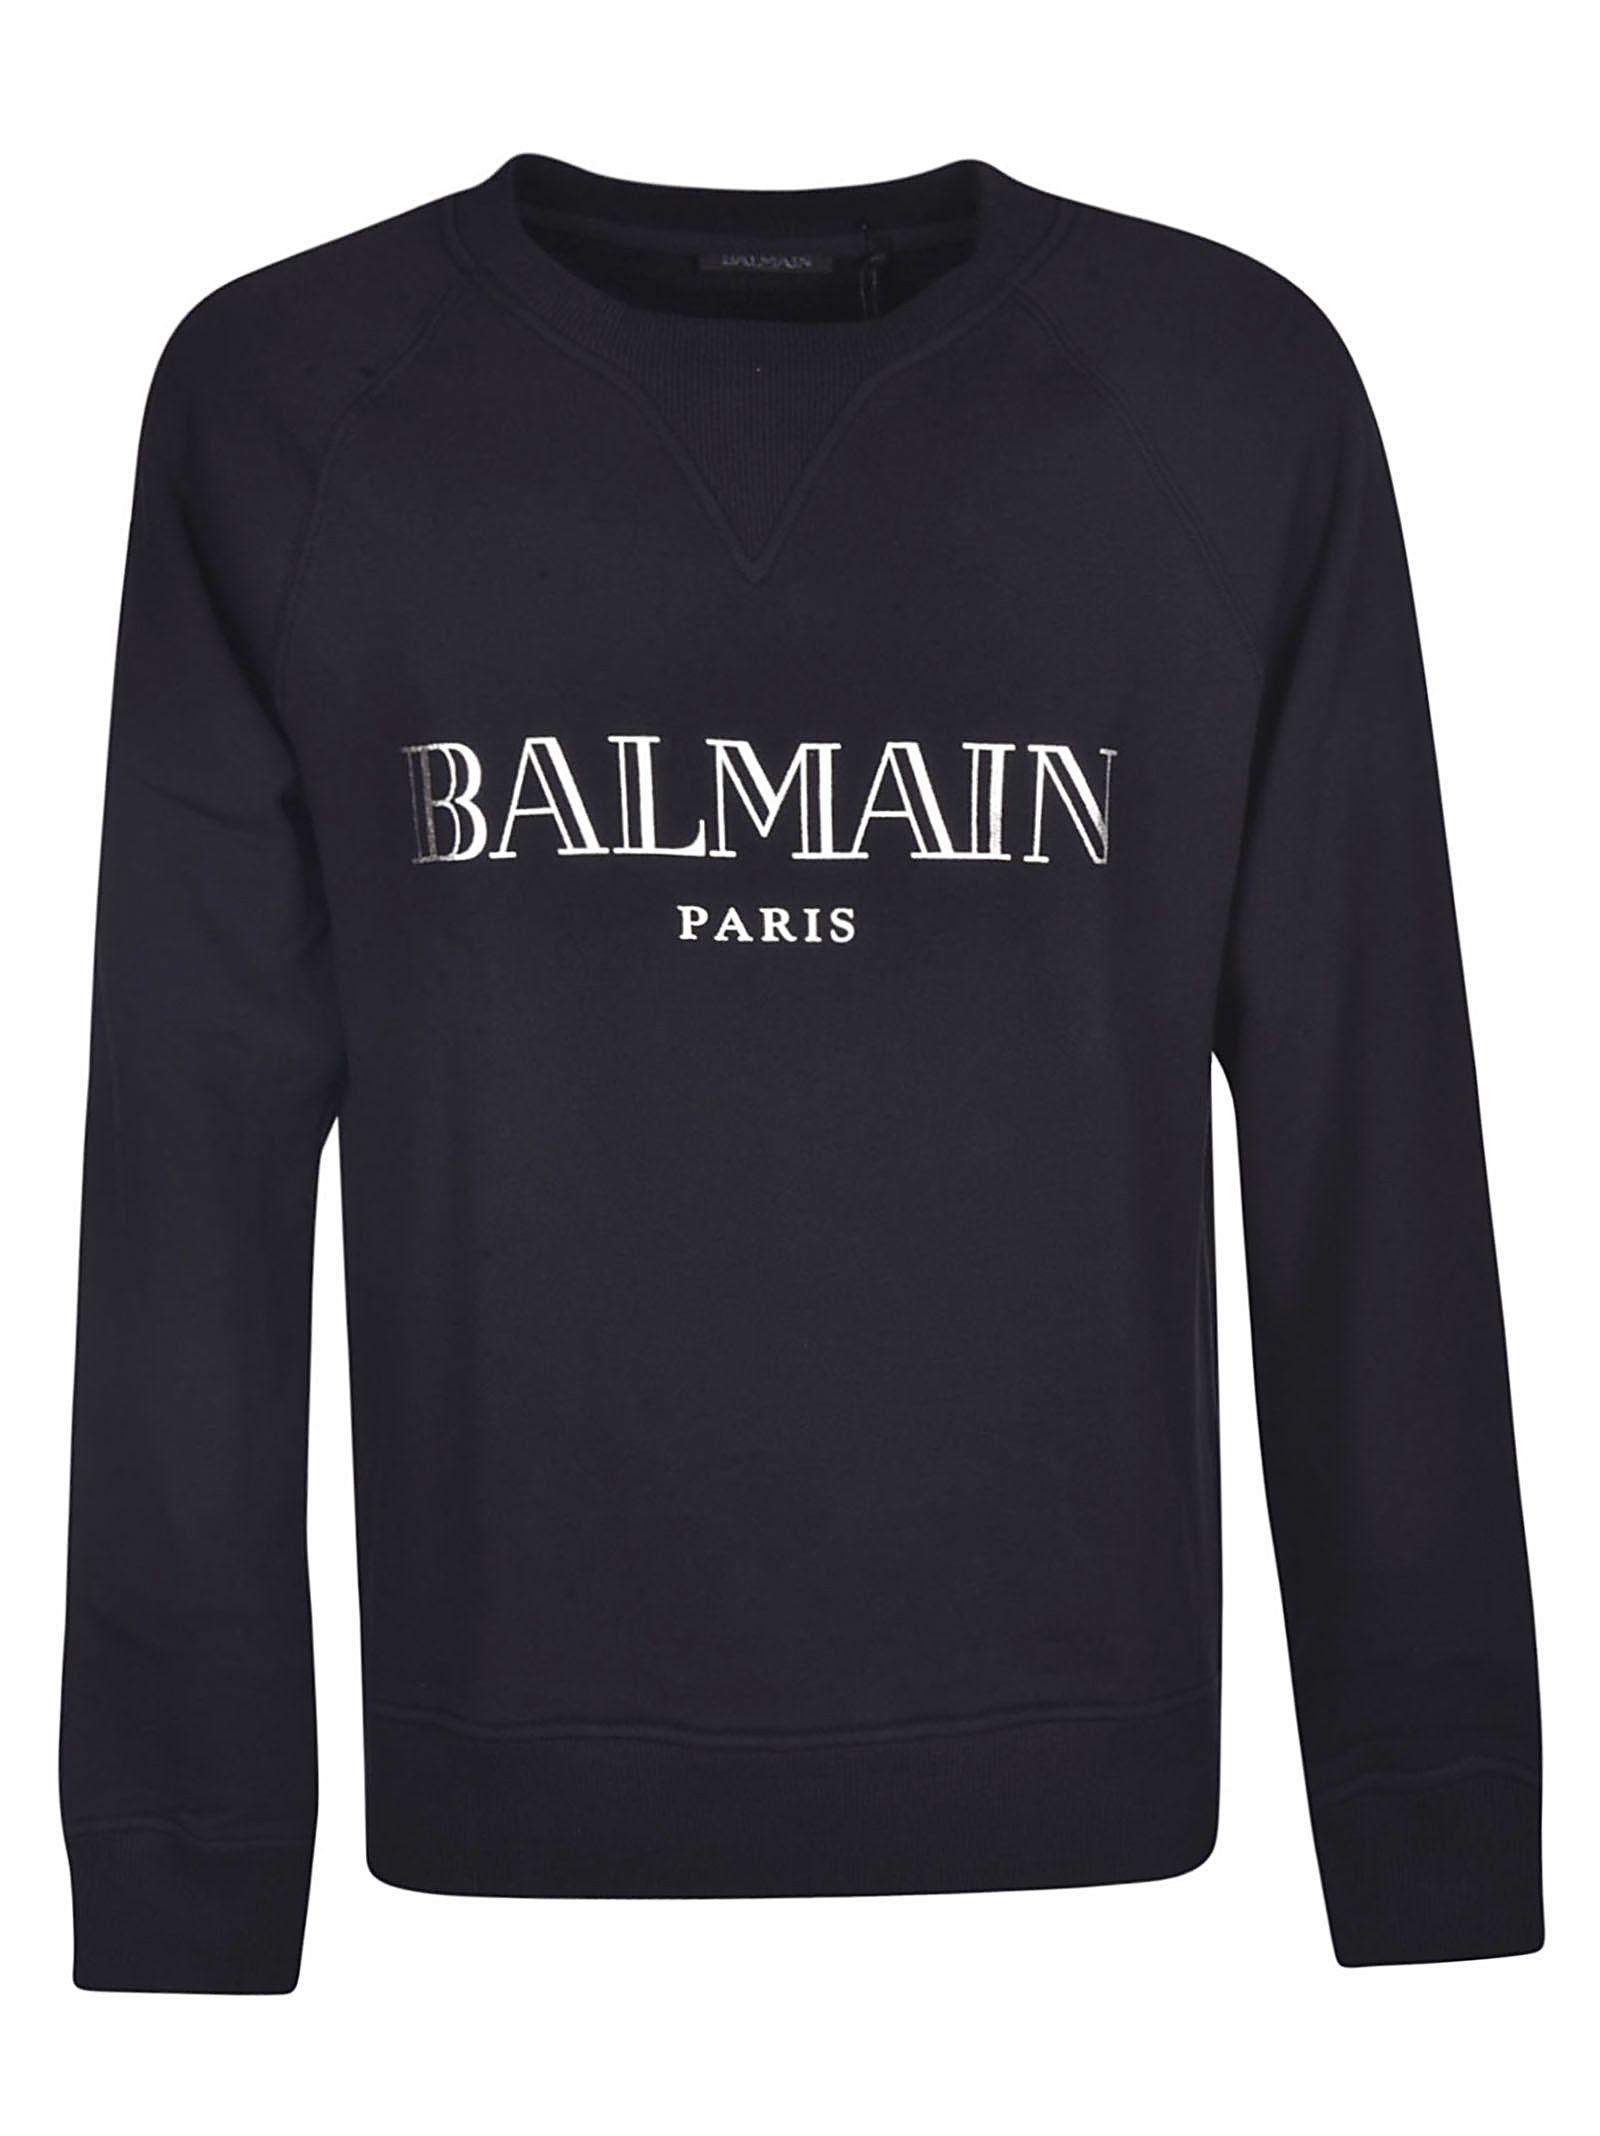 fd9336f6 BALMAIN LOGO SWEATSHIRT. #balmain #cloth | Balmain in 2019 ...